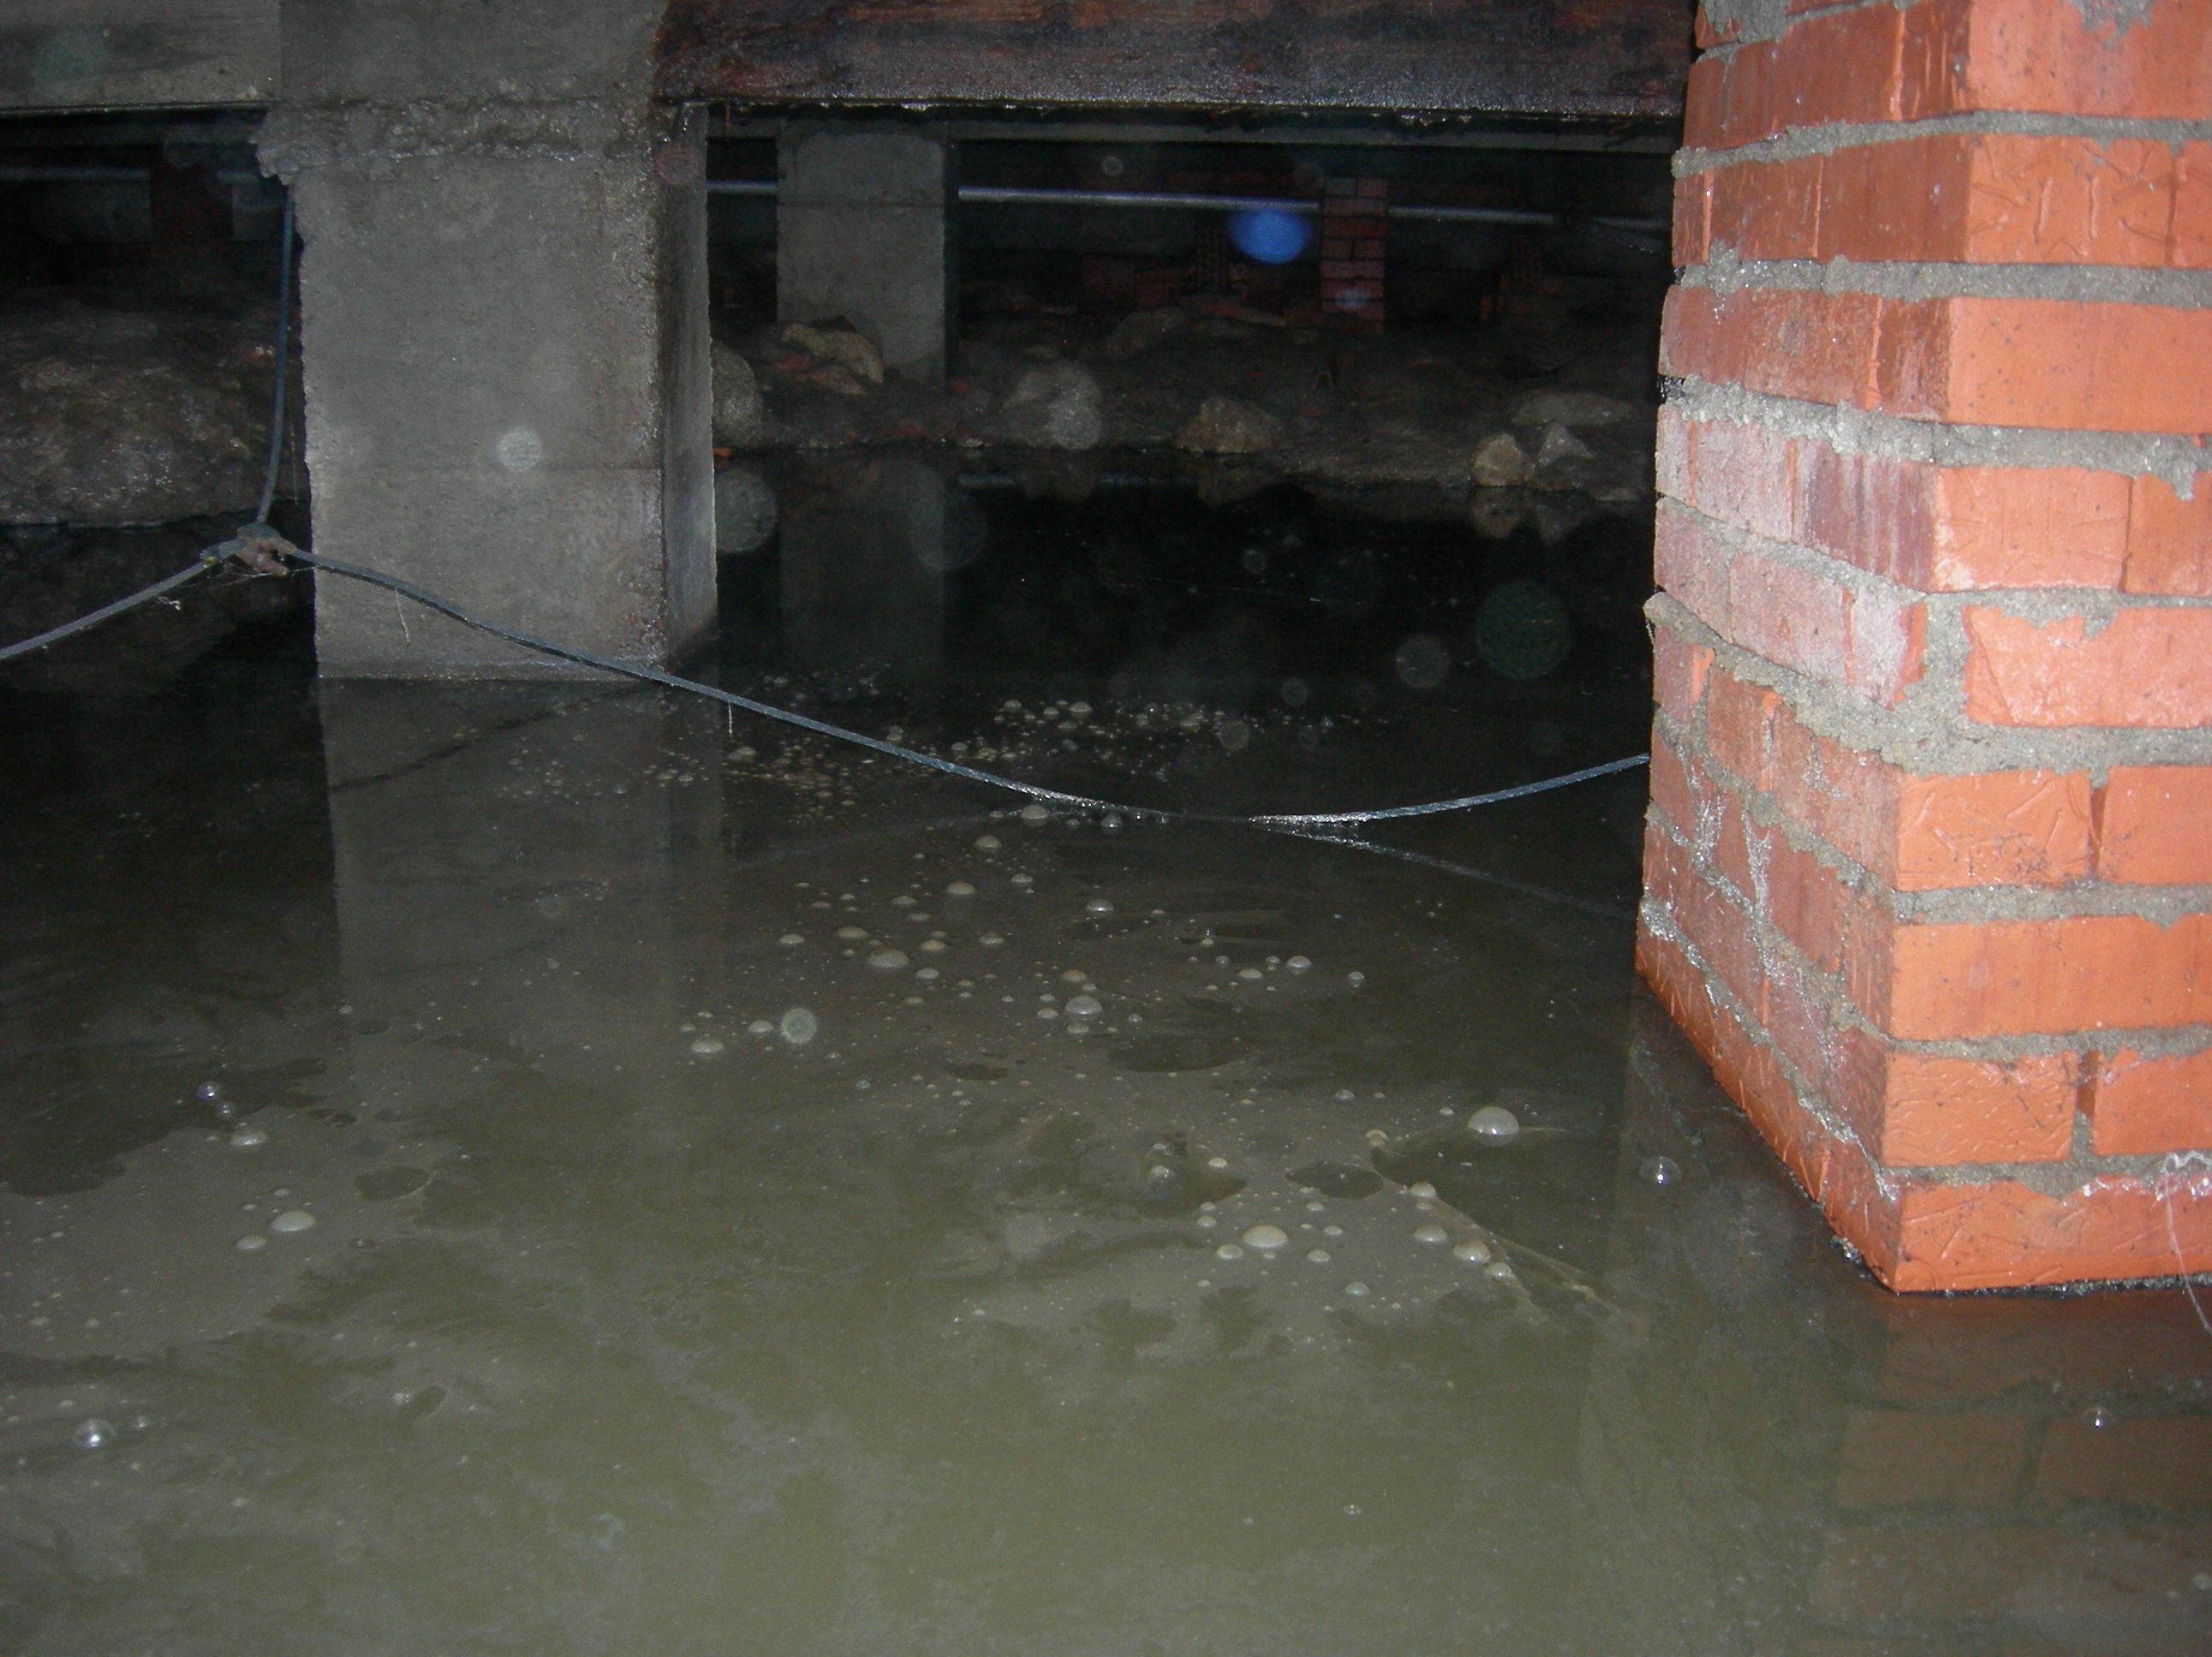 filtracion de agua dañando los cimientos